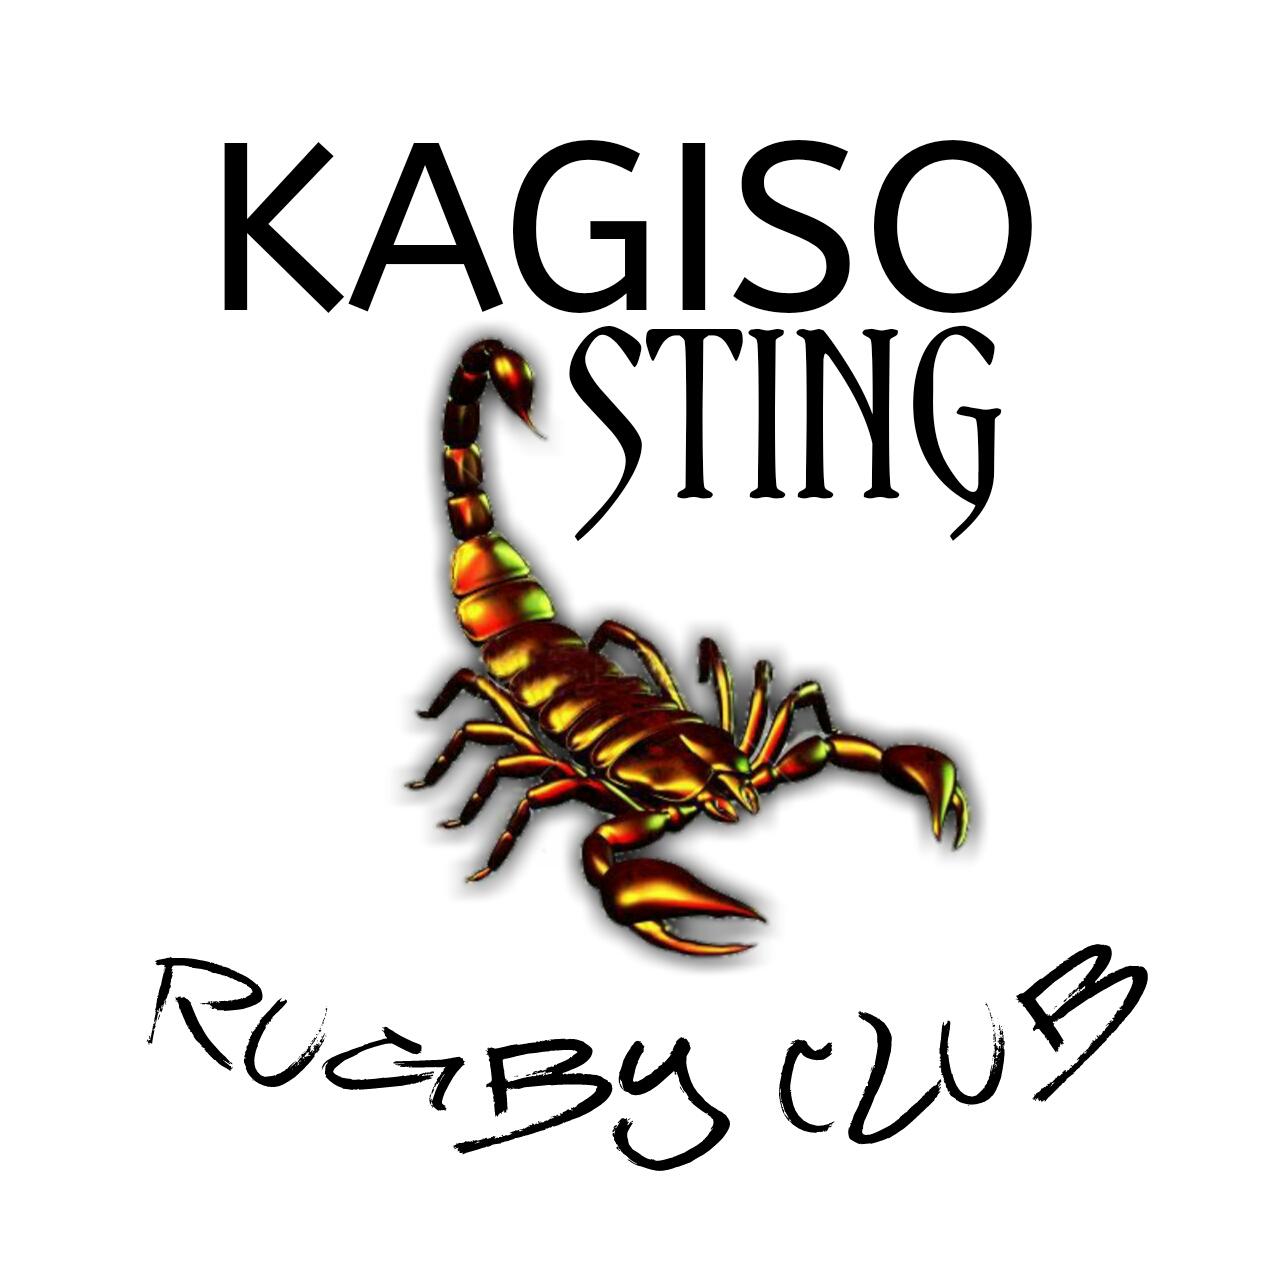 Kagiso Rugby Club